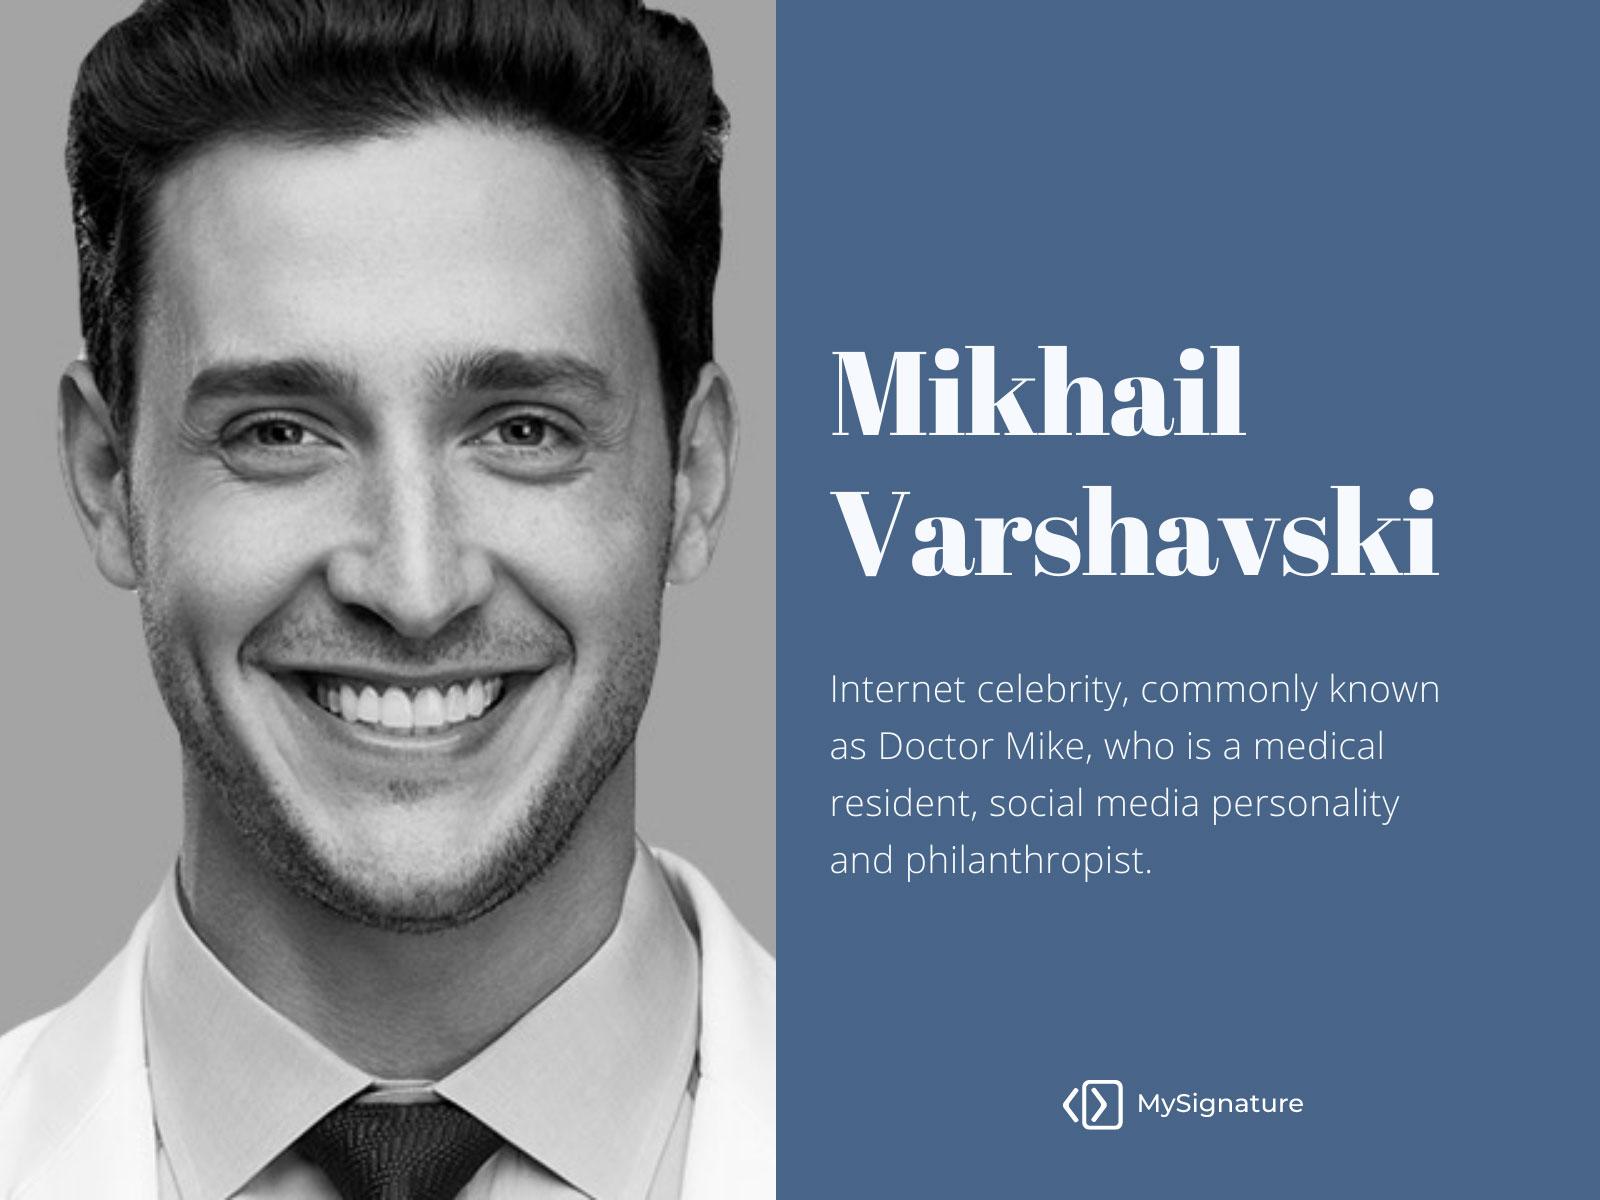 mikhail-varshavski